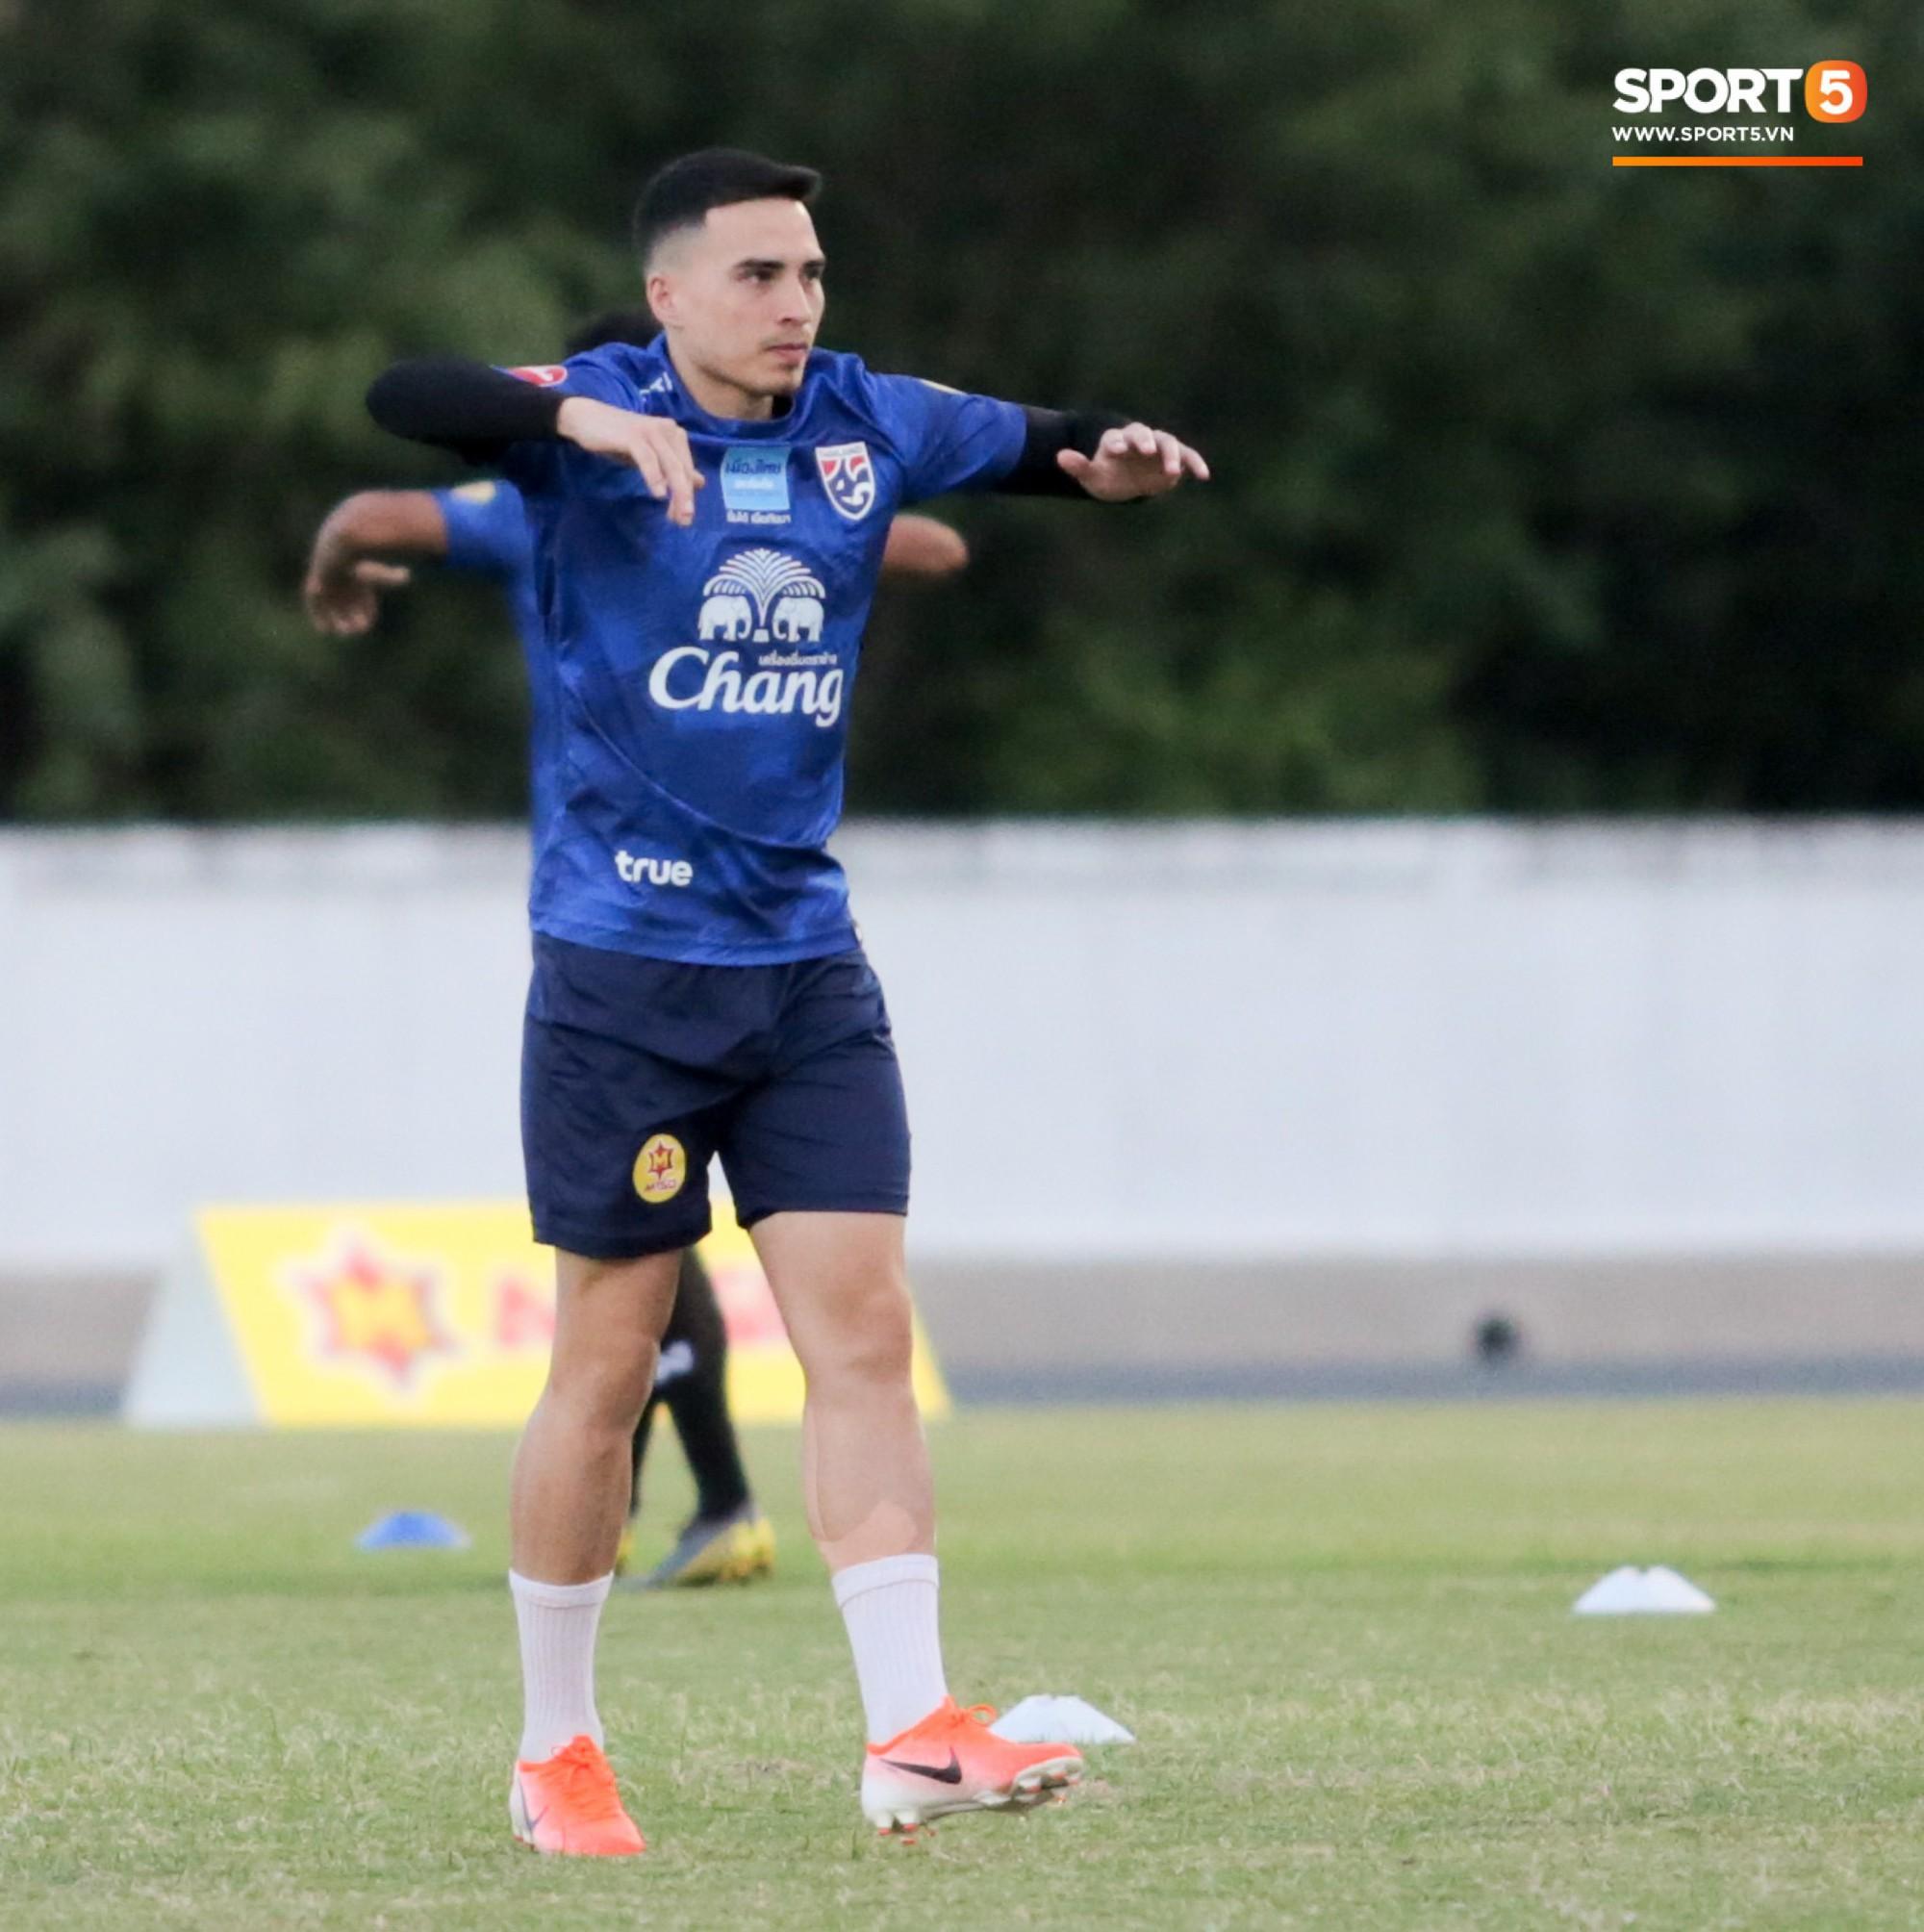 Đồng đội Xuân Trường ở Buriram United lỡ hẹn với Kings Cup vì chấn thương - Ảnh 3.